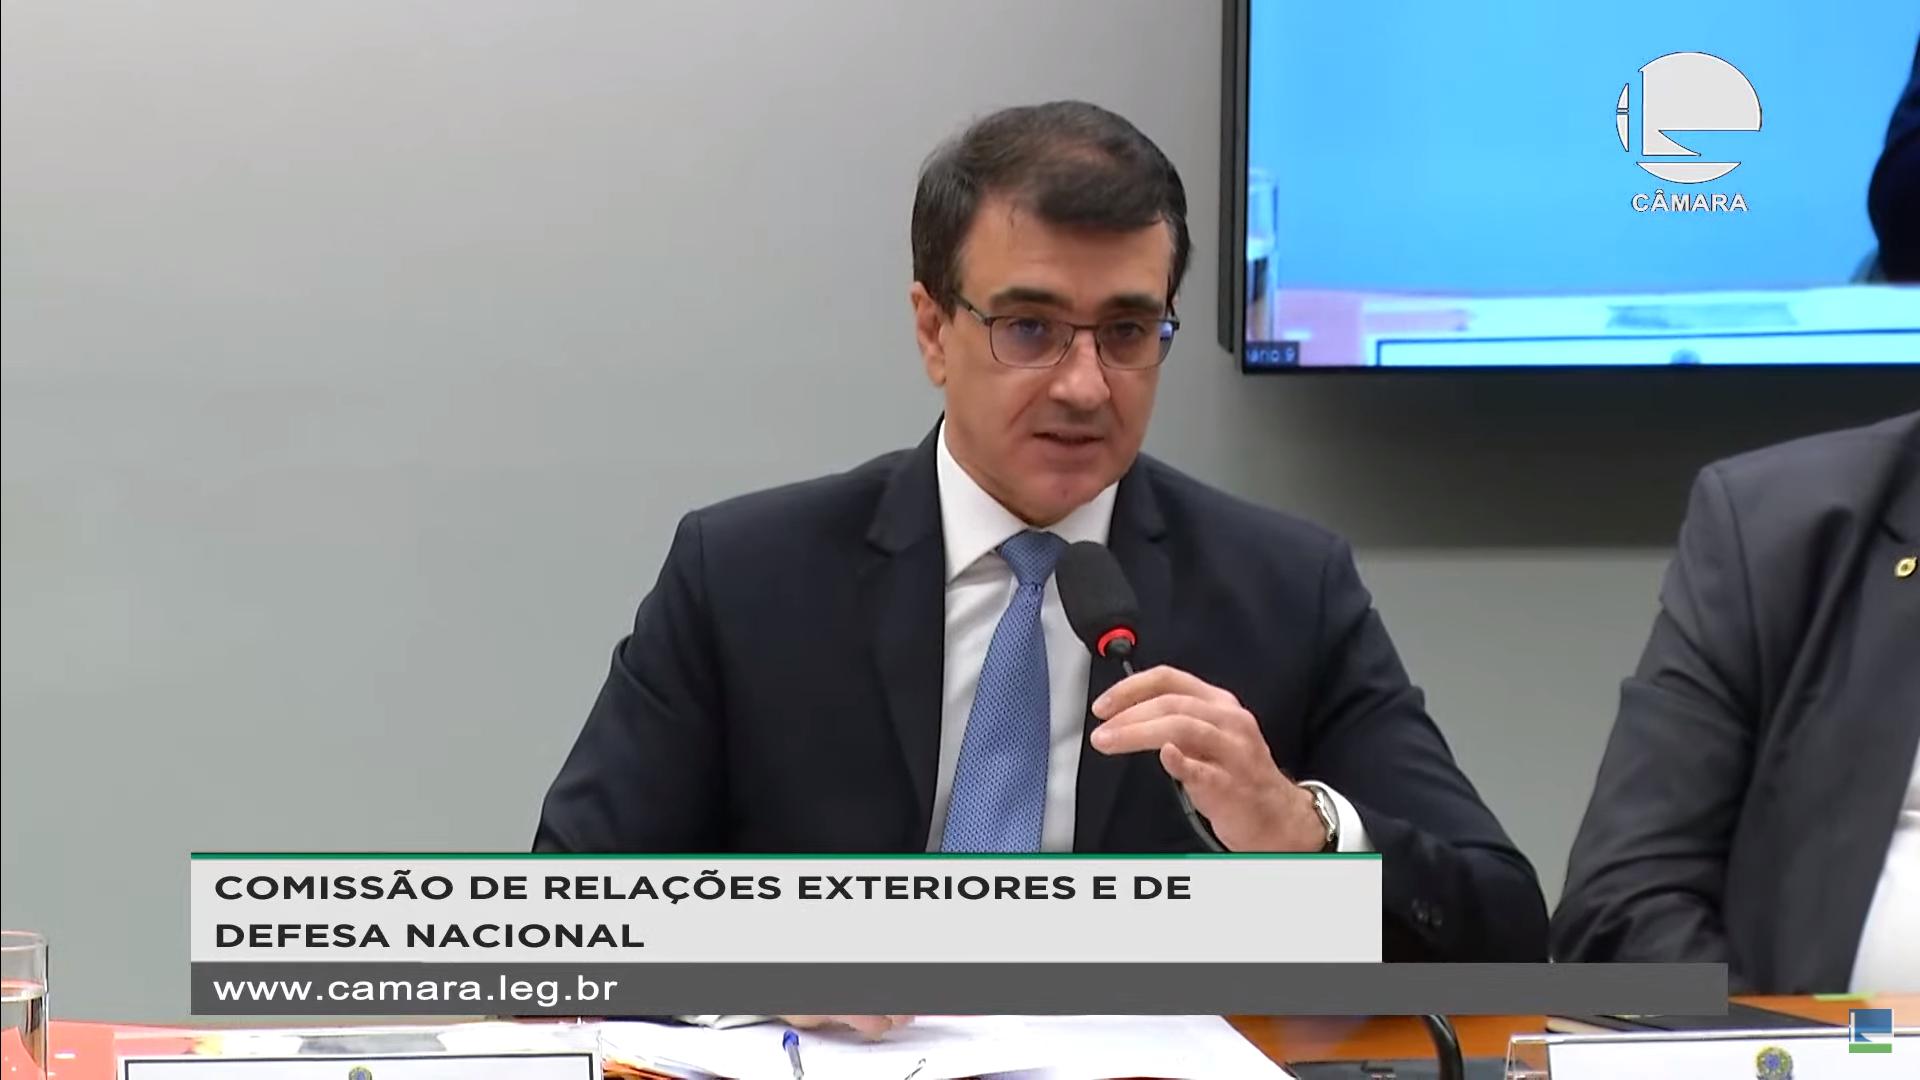 IMAGEM: Brasil pode mudar de posição sobre patentes, diz Chanceler